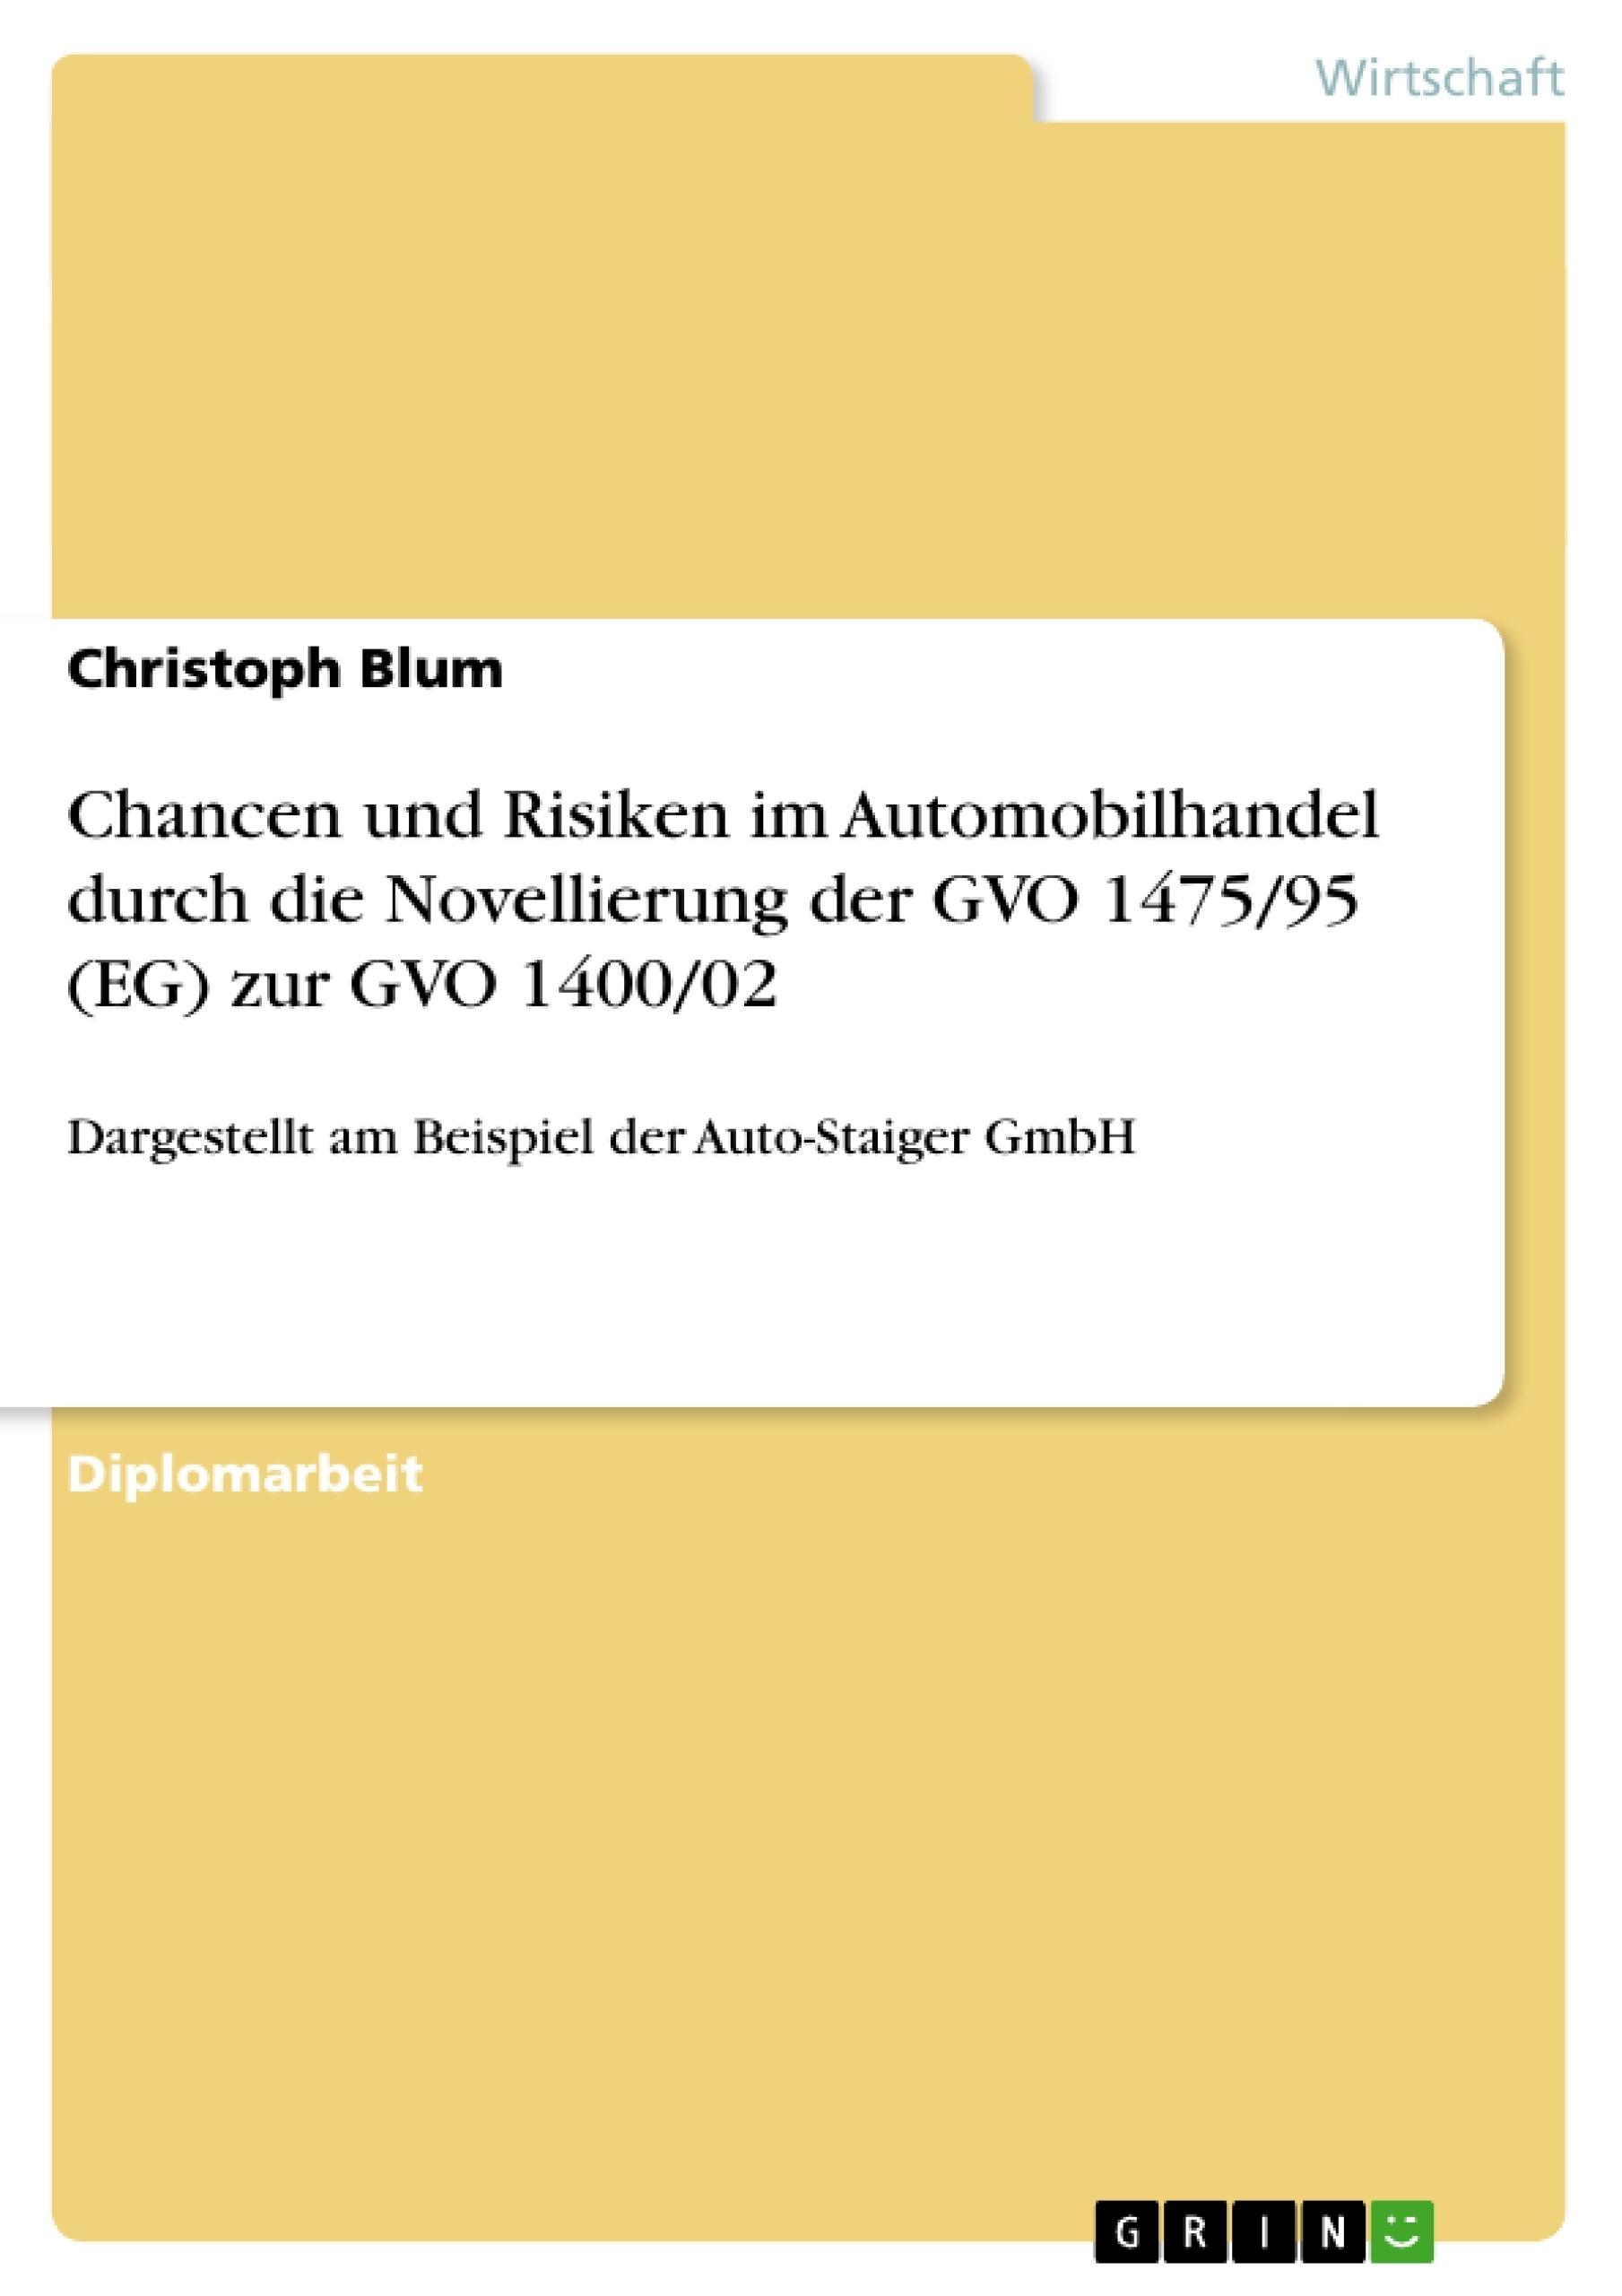 Titel: Chancen und Risiken im Automobilhandel durch die Novellierung der GVO 1475/95 (EG) zur GVO 1400/02